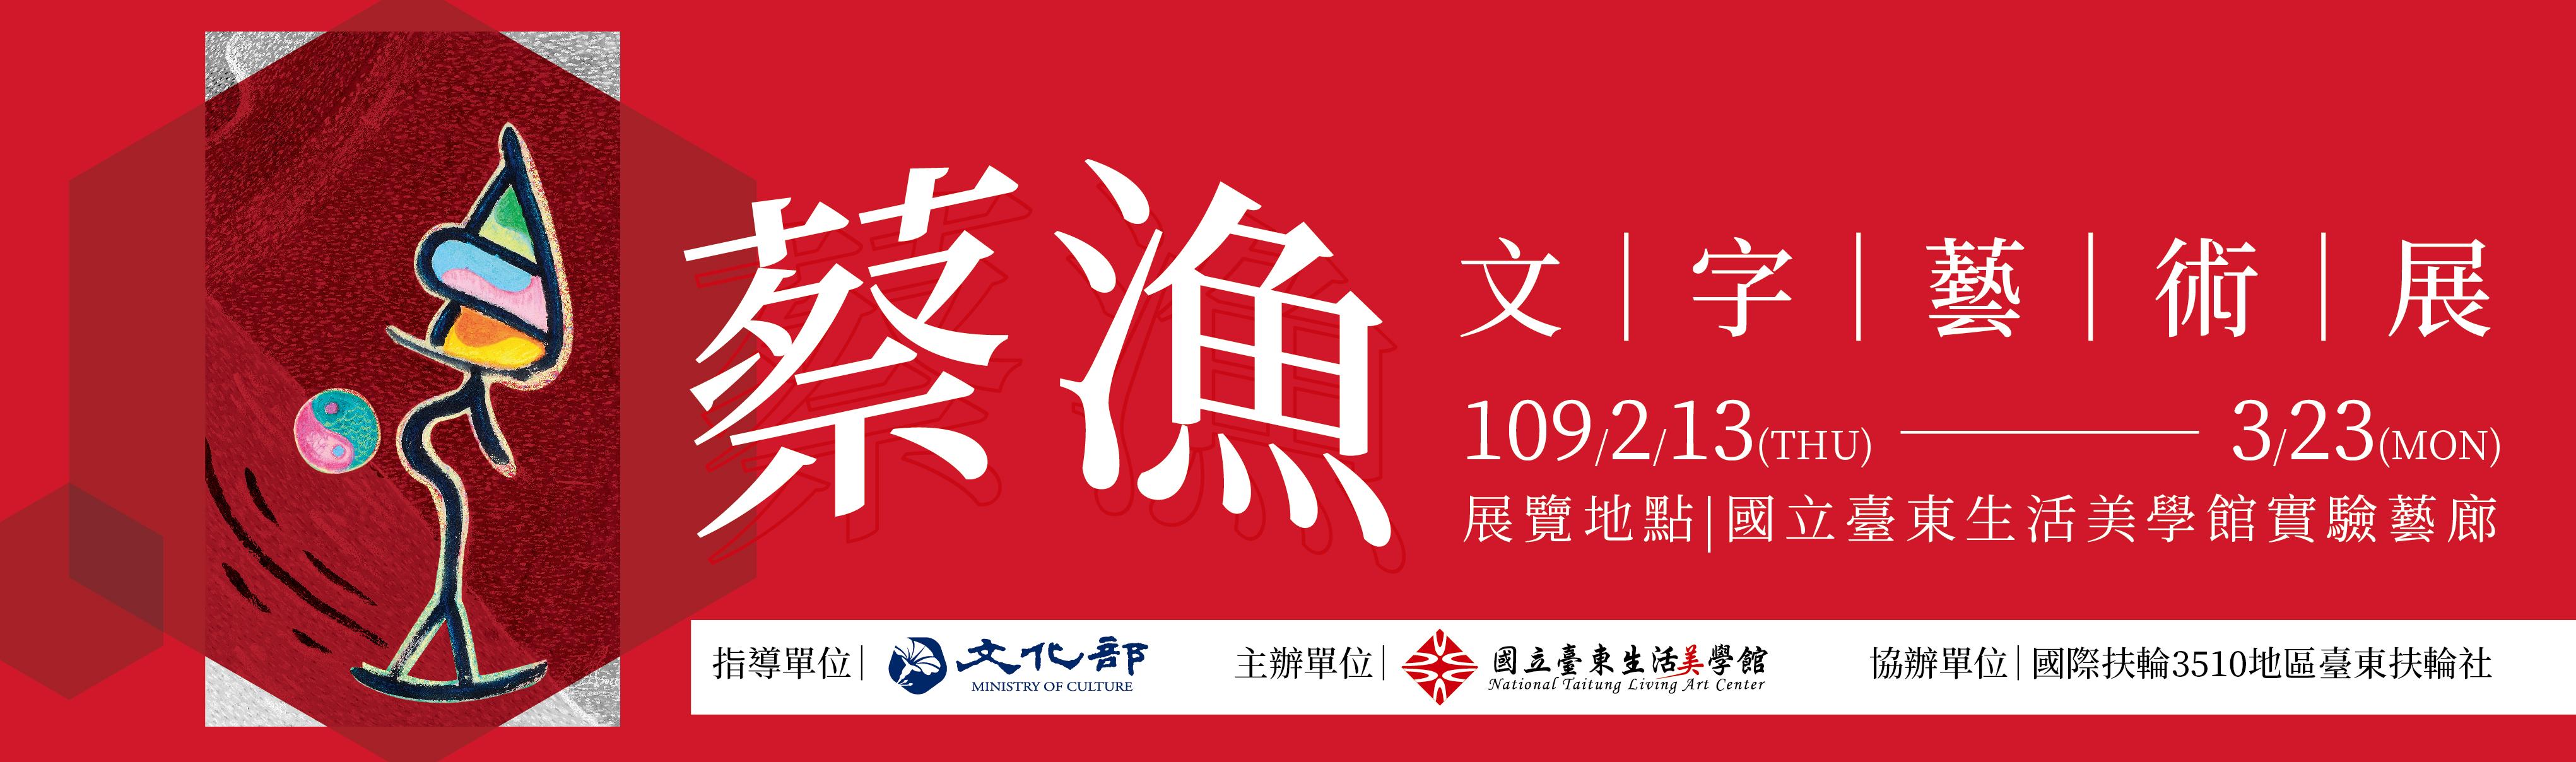 蔡漁文字藝術展